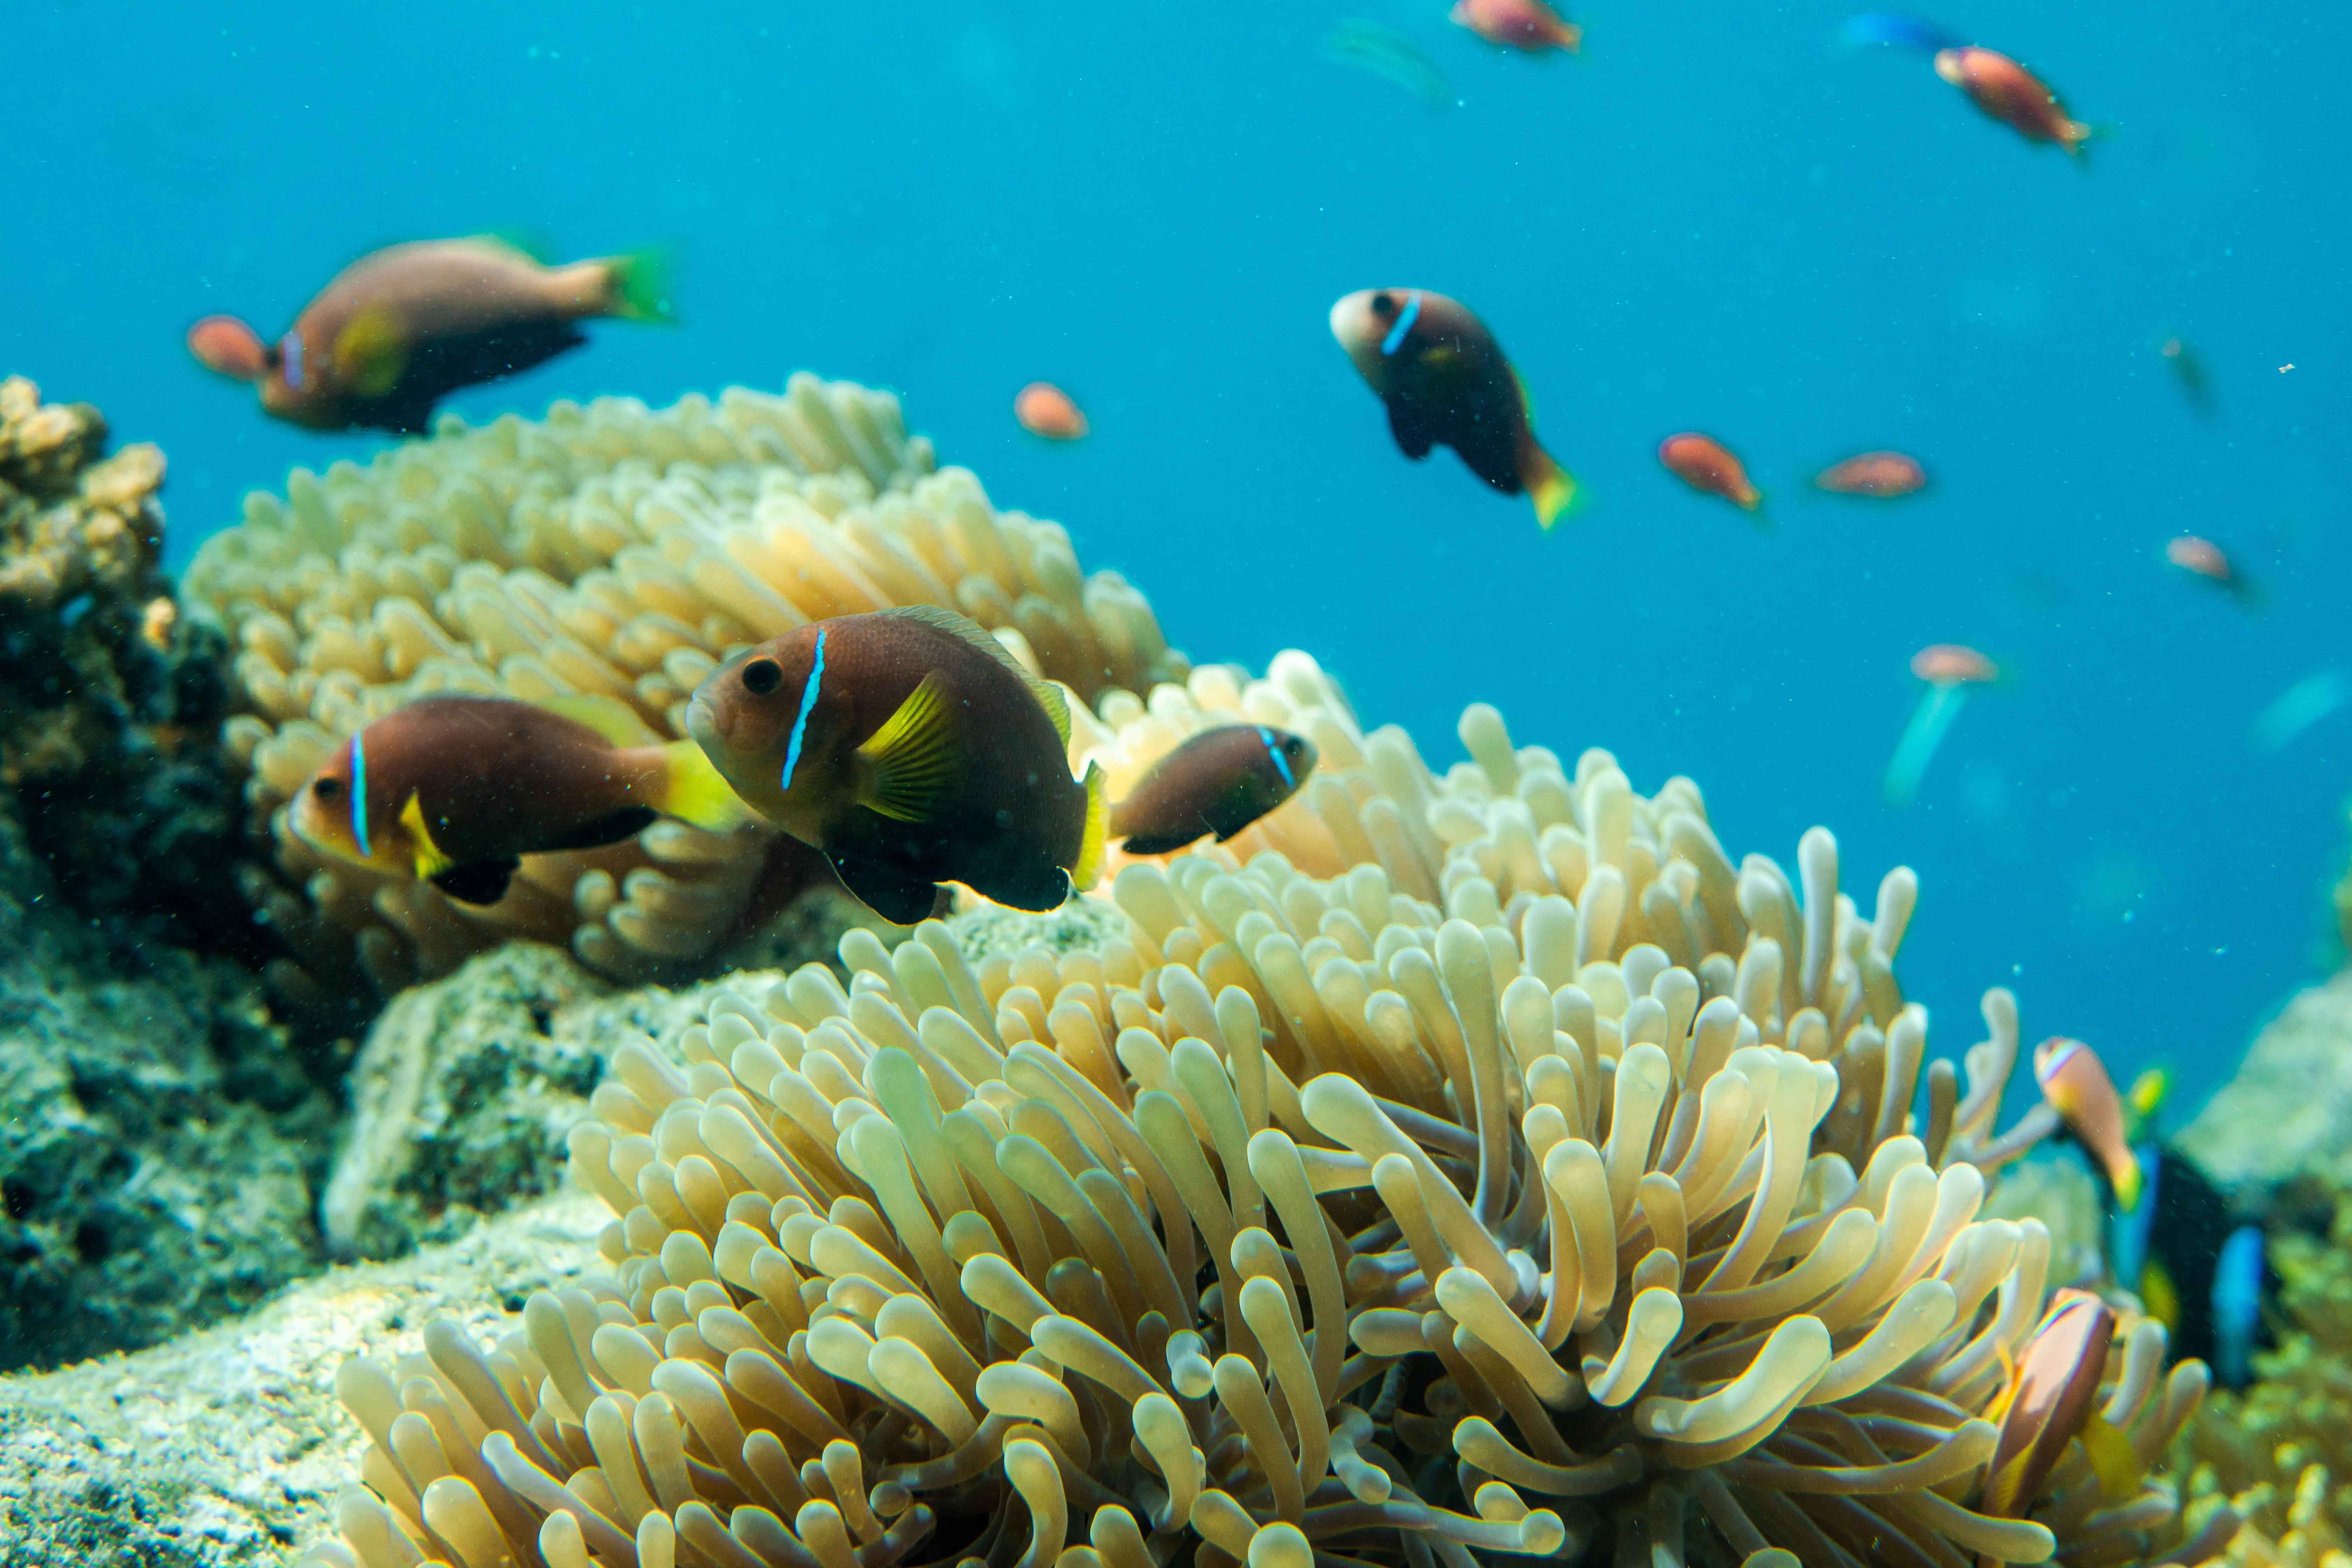 Coral reefs in Anantara Kihavah Maldives Villas